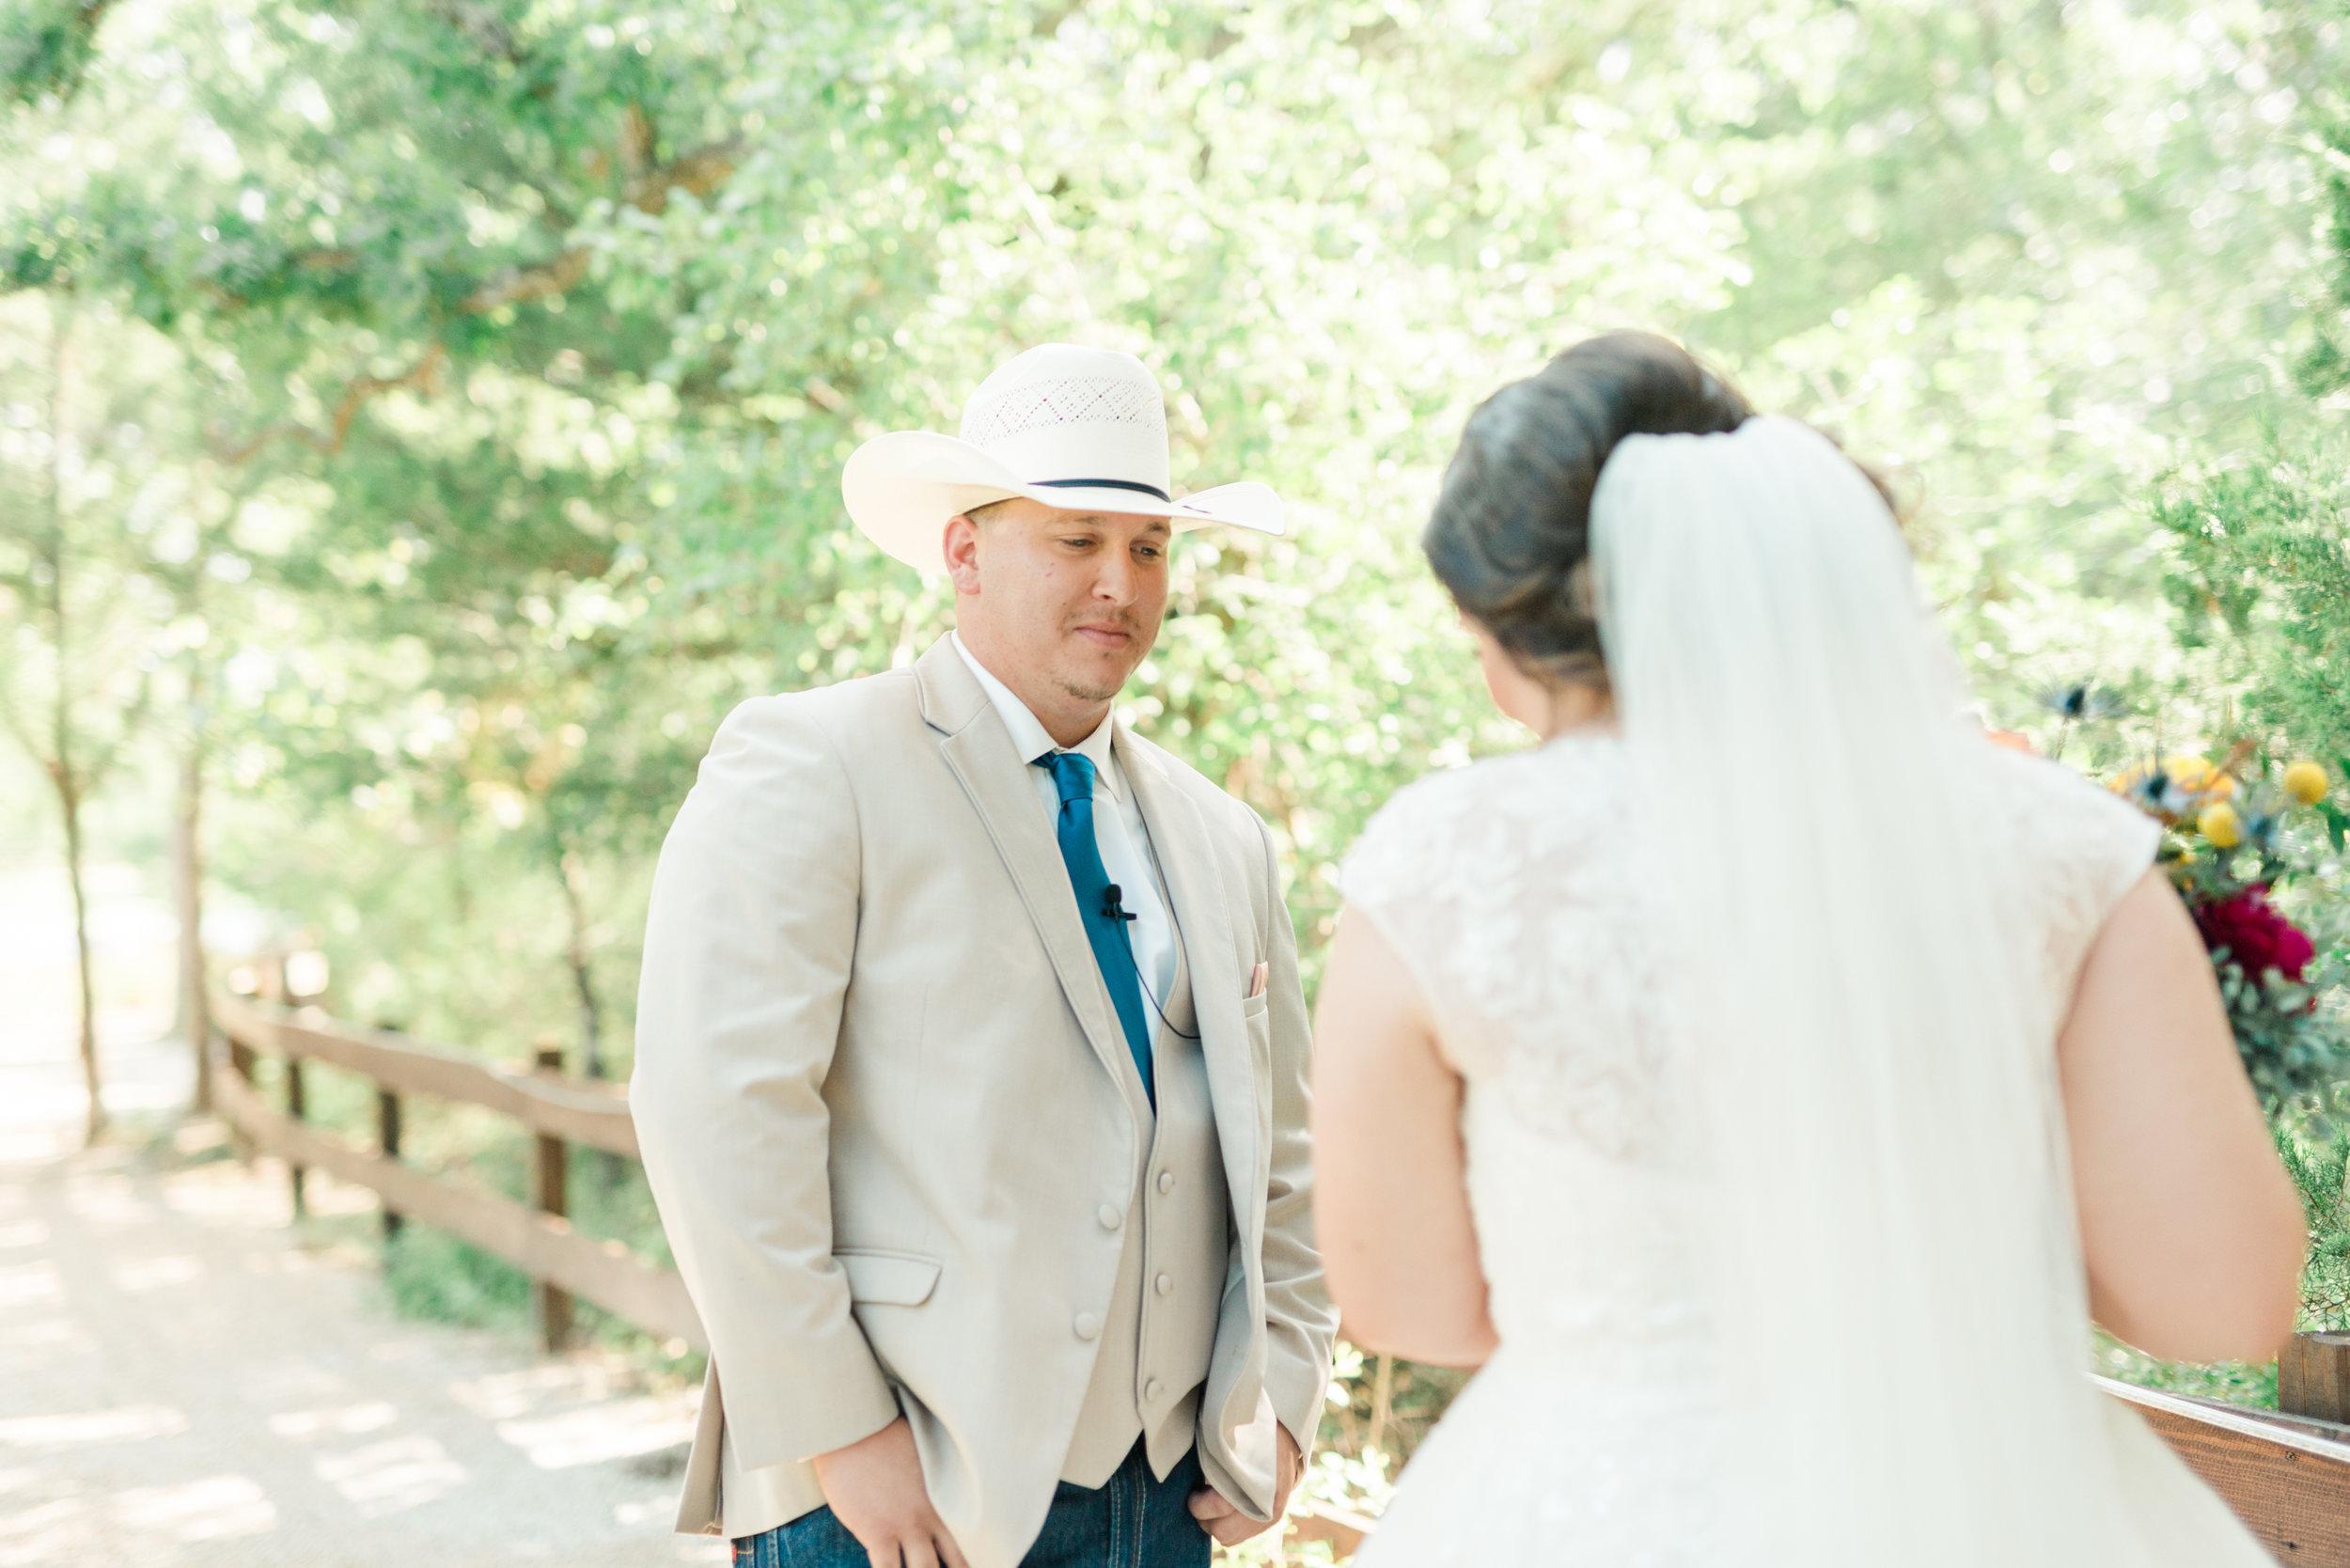 Wesley-Wedding-Ten23-Photography-323.jpg